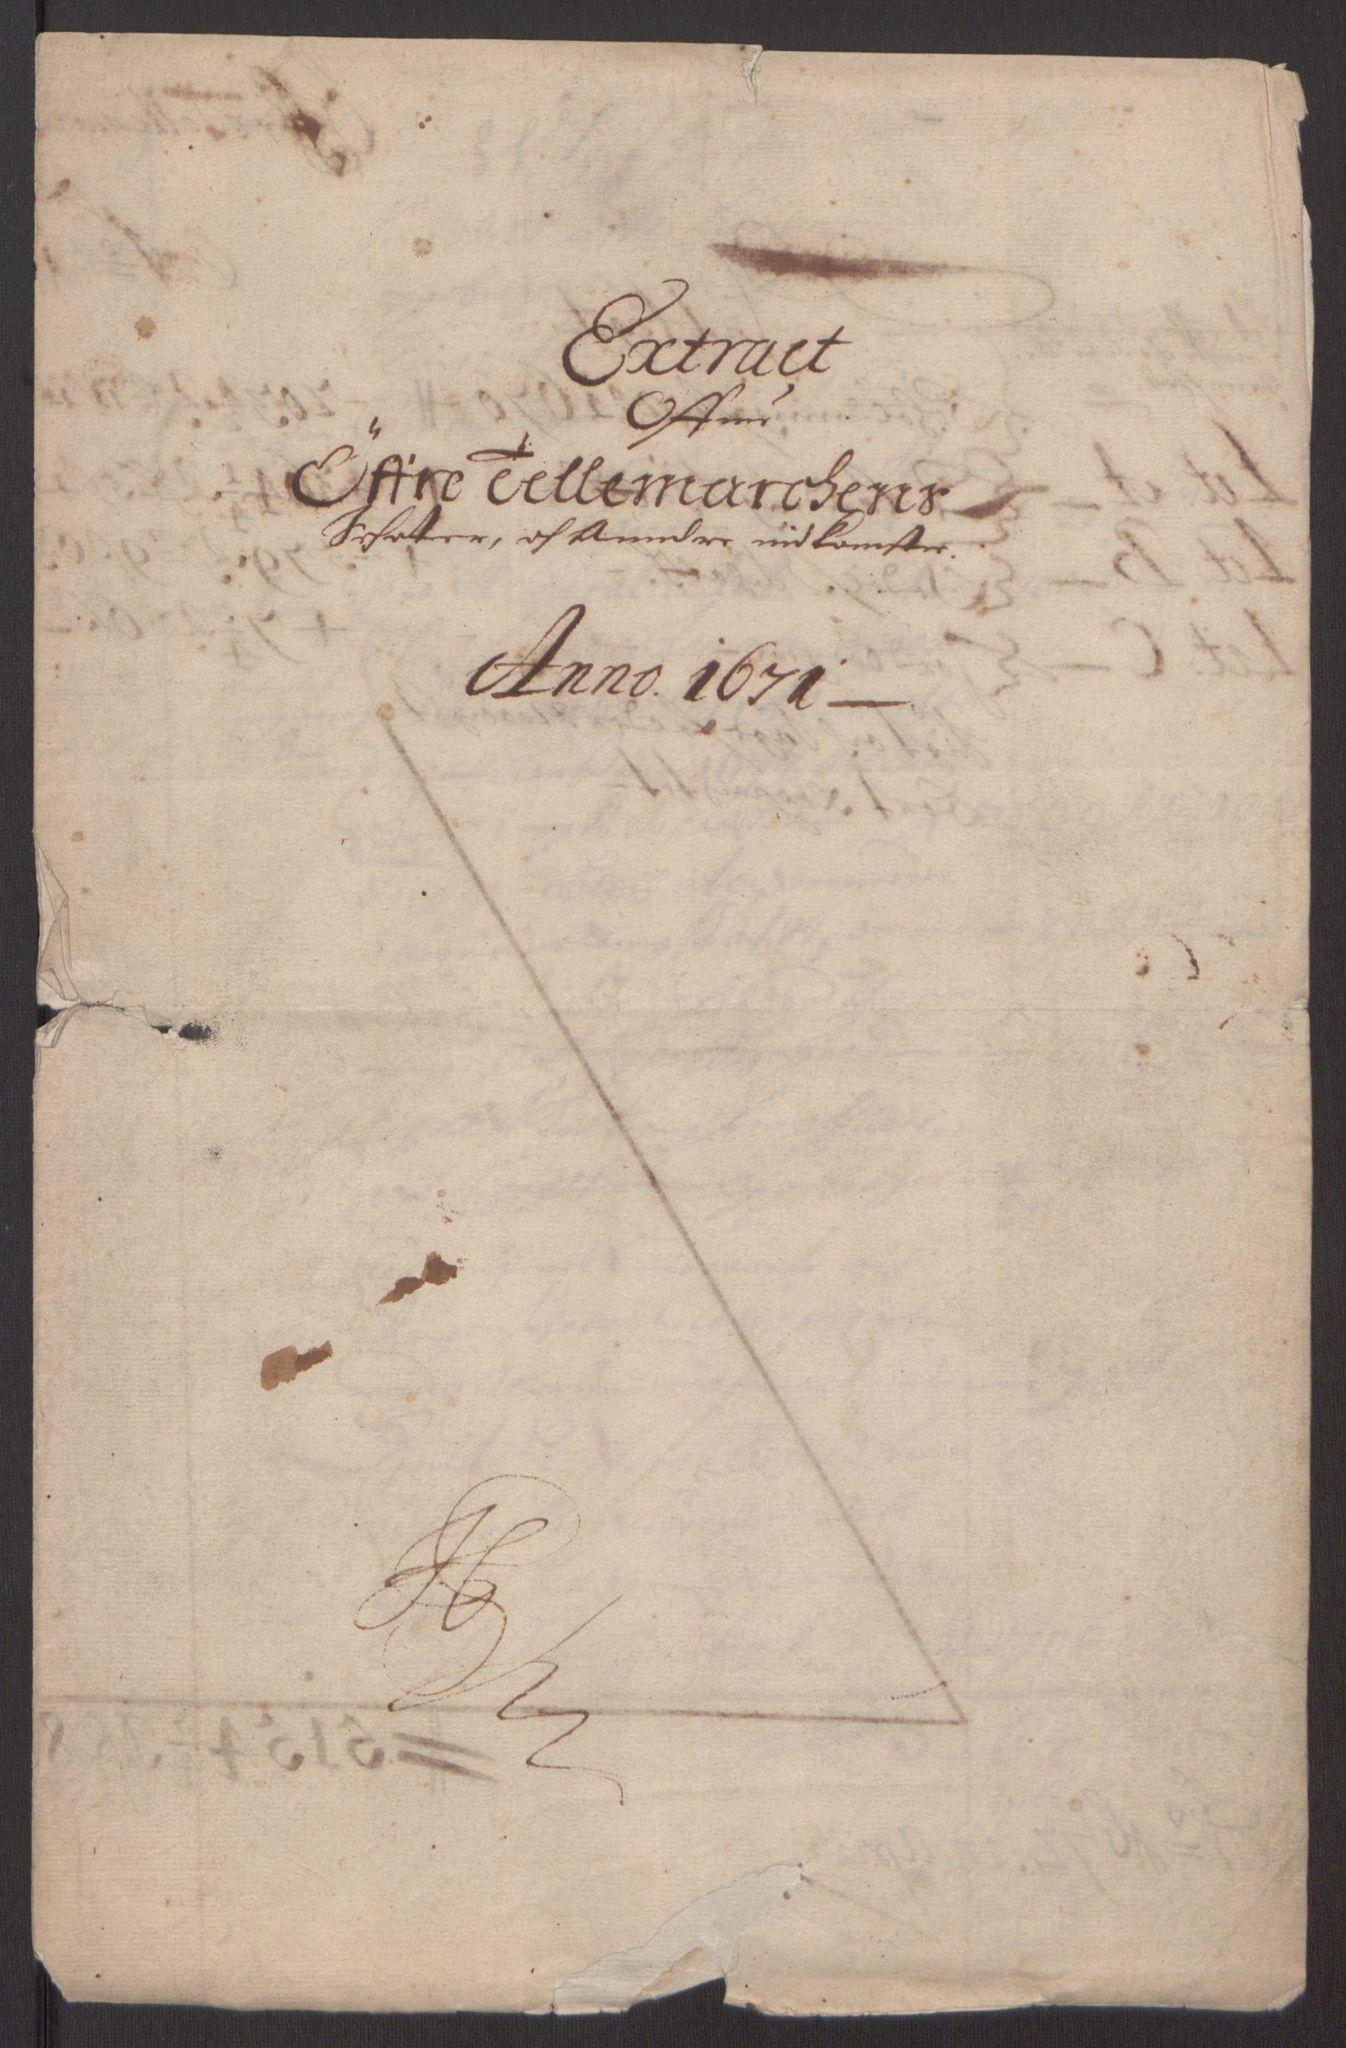 RA, Rentekammeret inntil 1814, Reviderte regnskaper, Fogderegnskap, R35/L2060: Fogderegnskap Øvre og Nedre Telemark, 1671-1672, s. 3